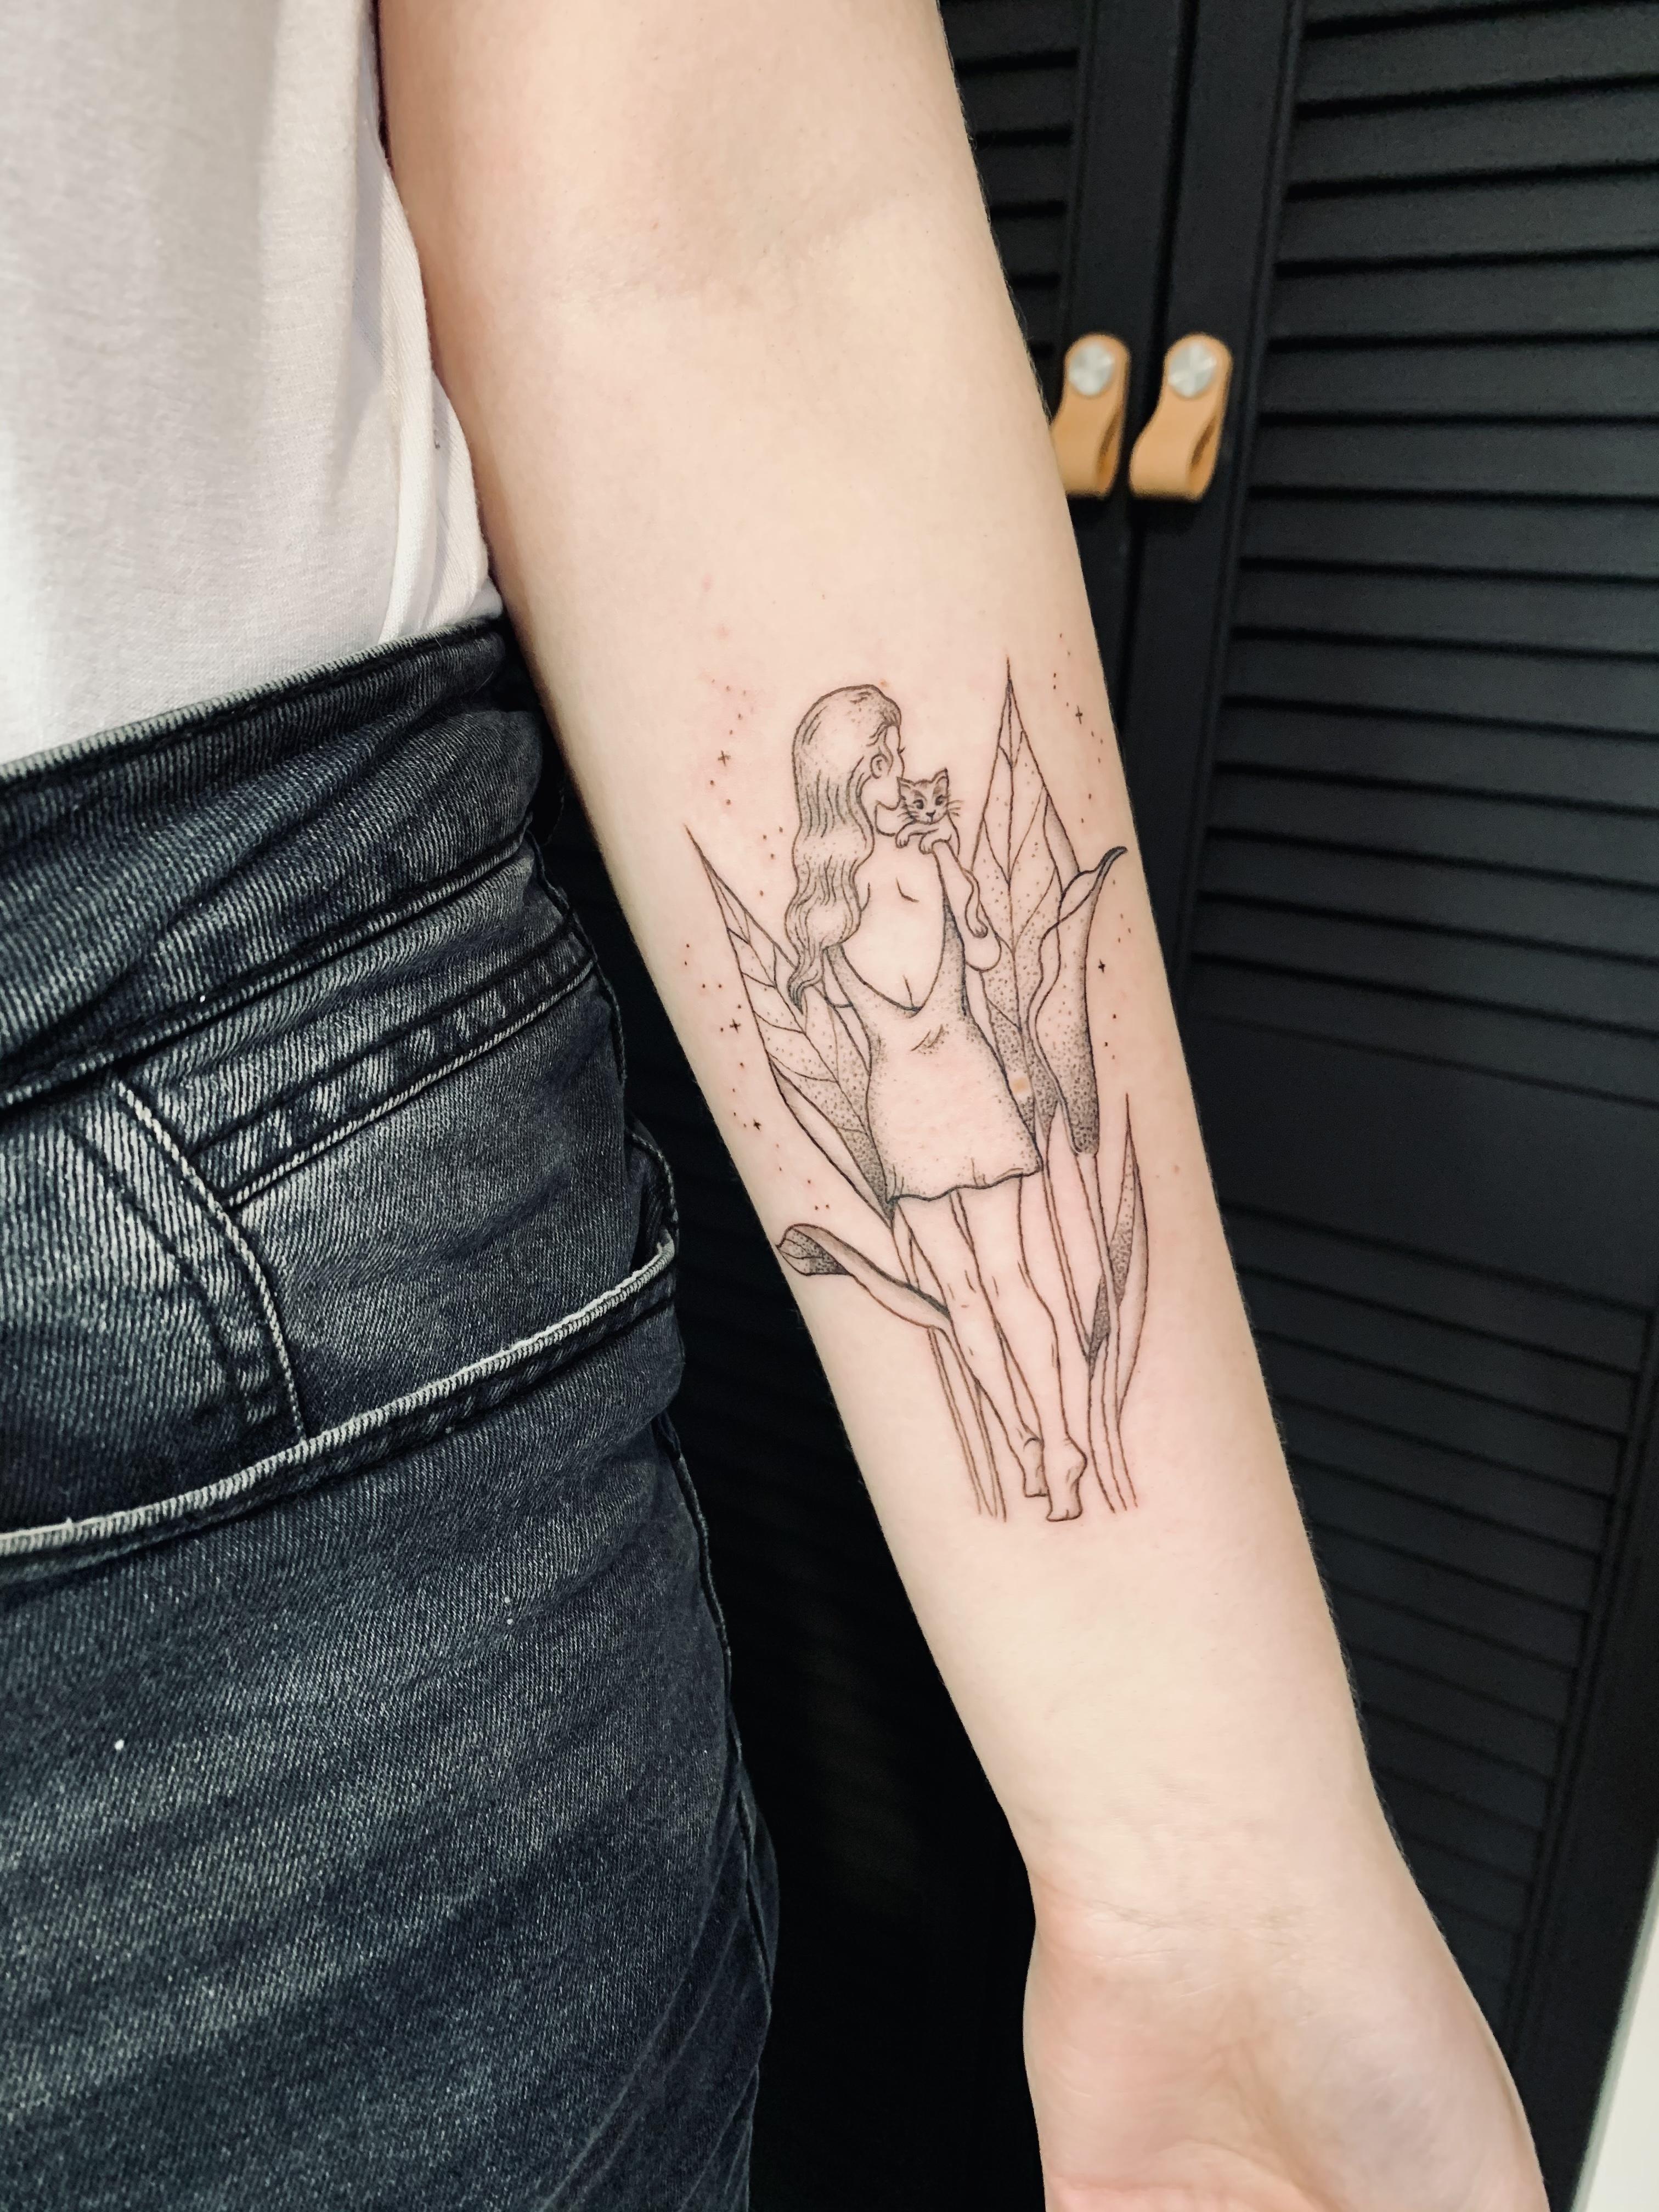 Inksearch tattoo Olka_tattoo